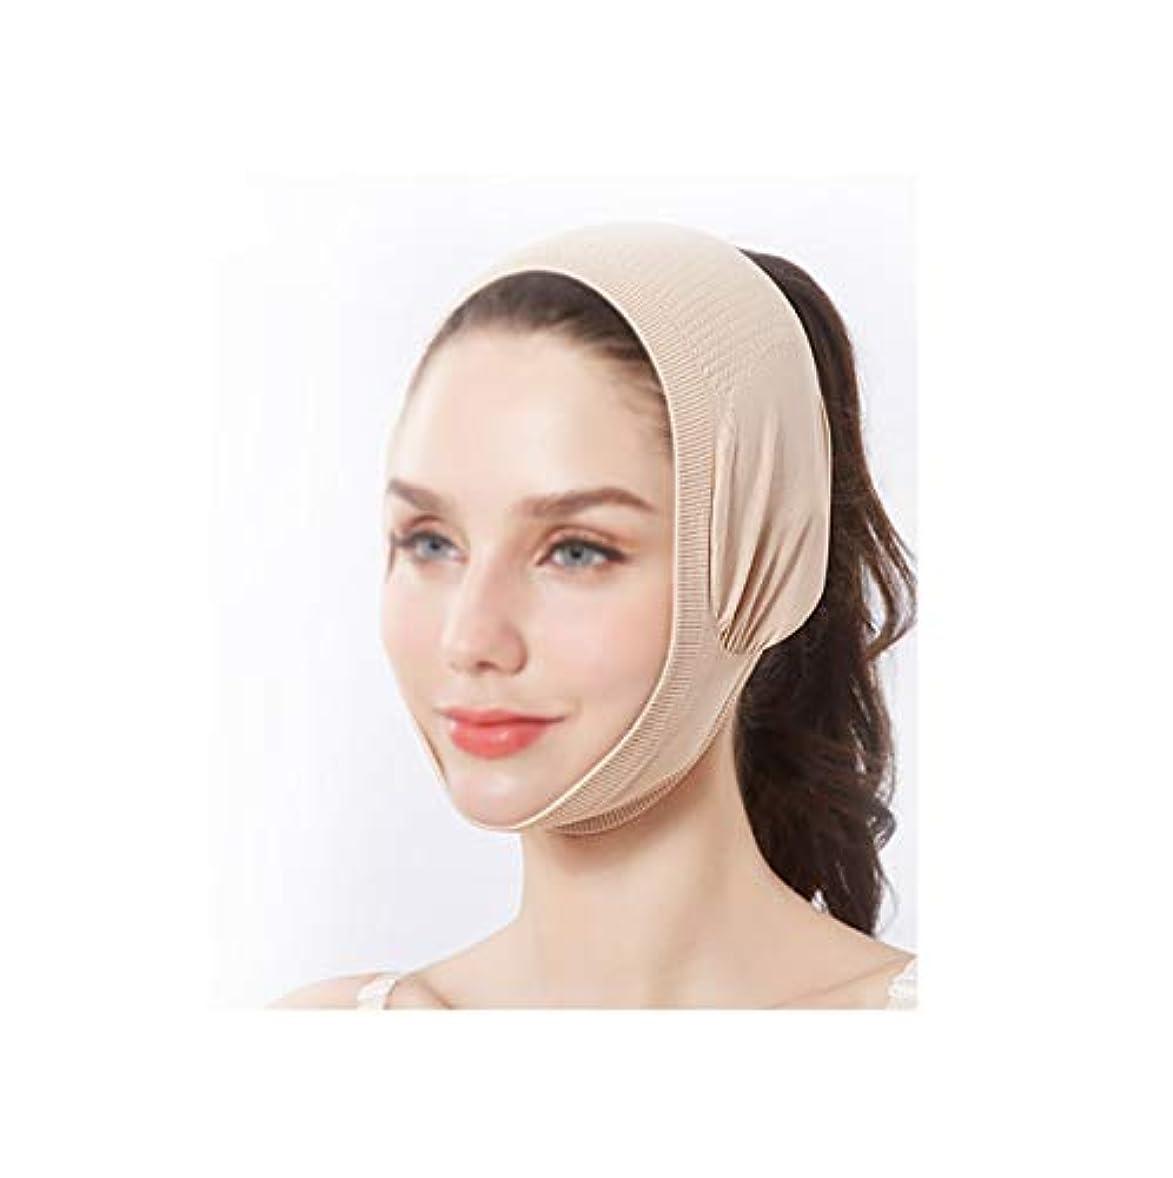 路面電車歌手ブラケットTLMY フェイスリフトマスクマスクエクステンション強度フェースレス包帯フェイシャルラージVライン彫刻フェイシャルバックカバーネックバンド 顔用整形マスク (Color : Skin tone)